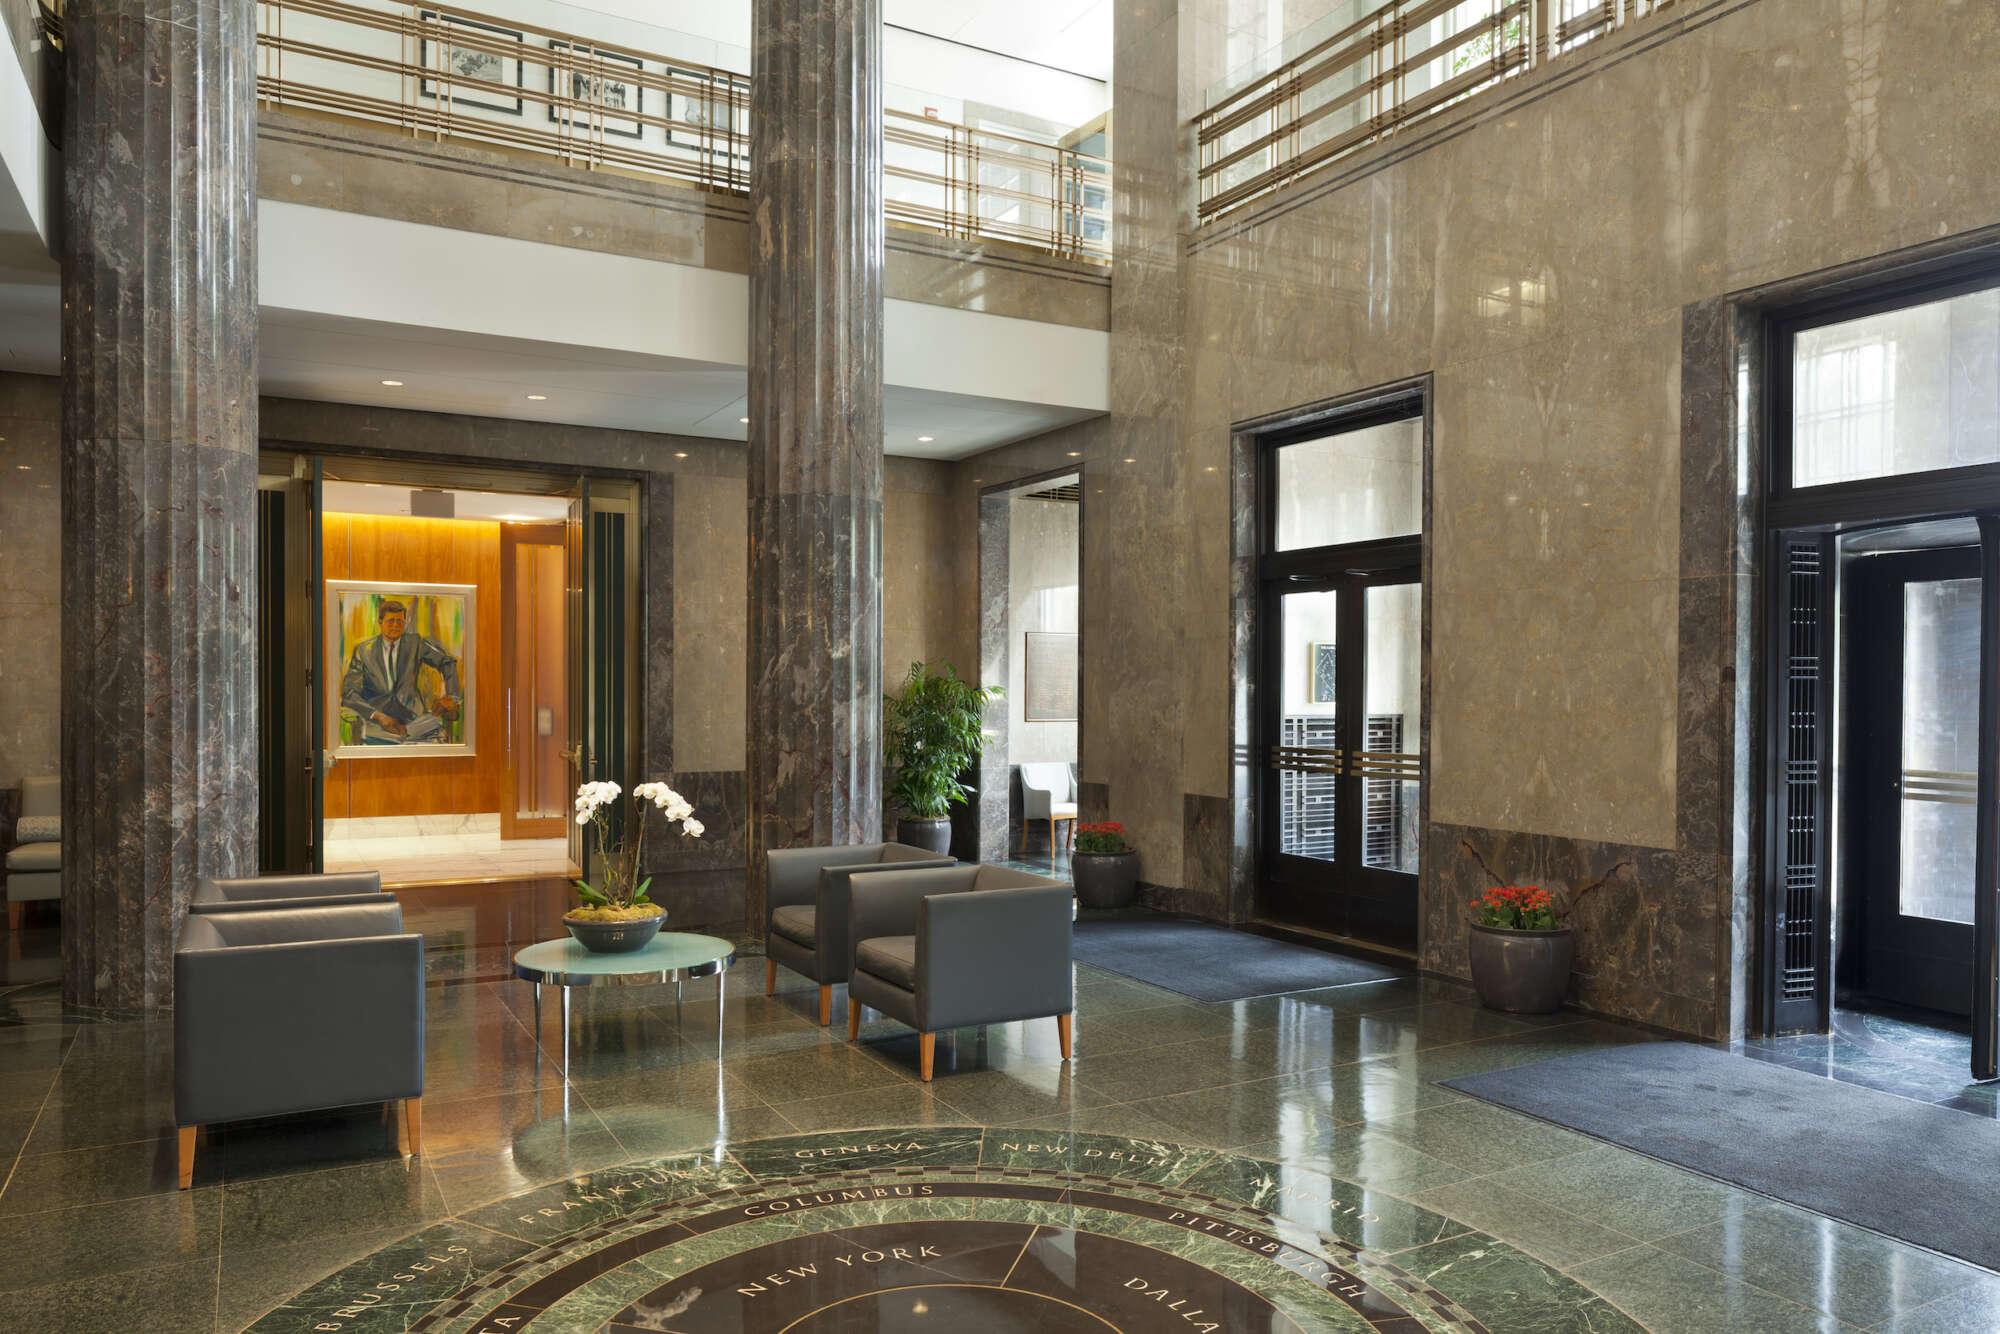 America's Square lobby